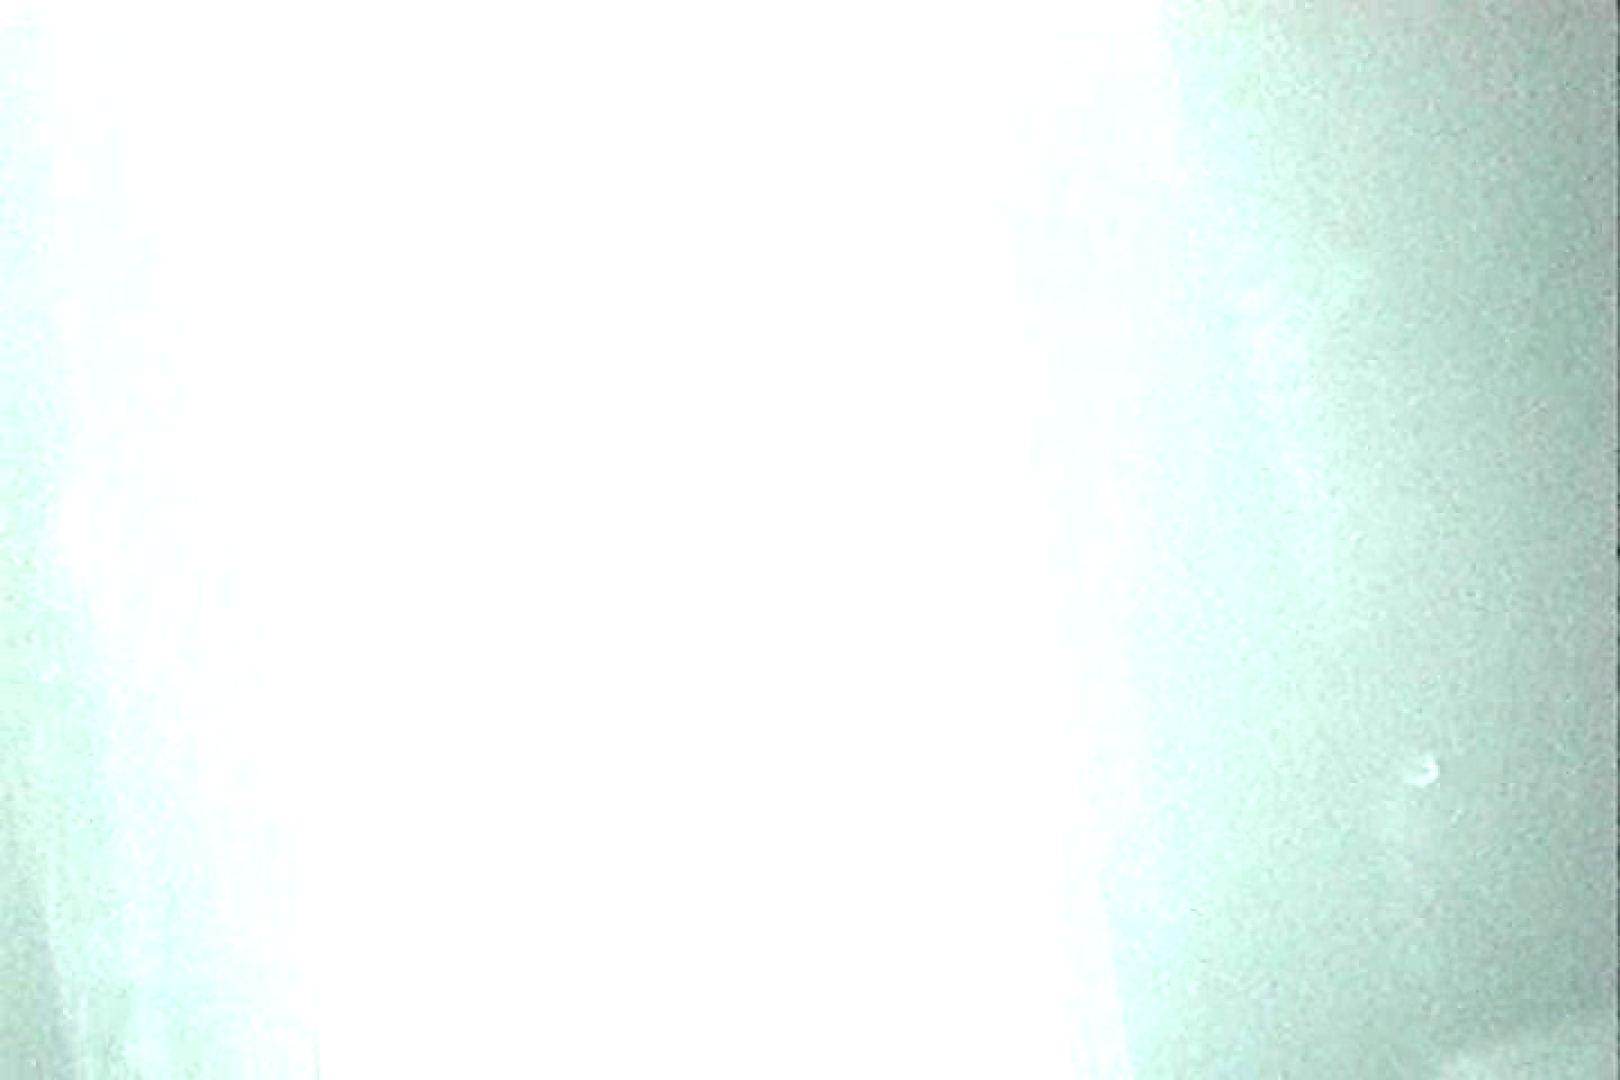 充血監督の深夜の運動会Vol.16 手マン | カップル盗撮  73画像 61